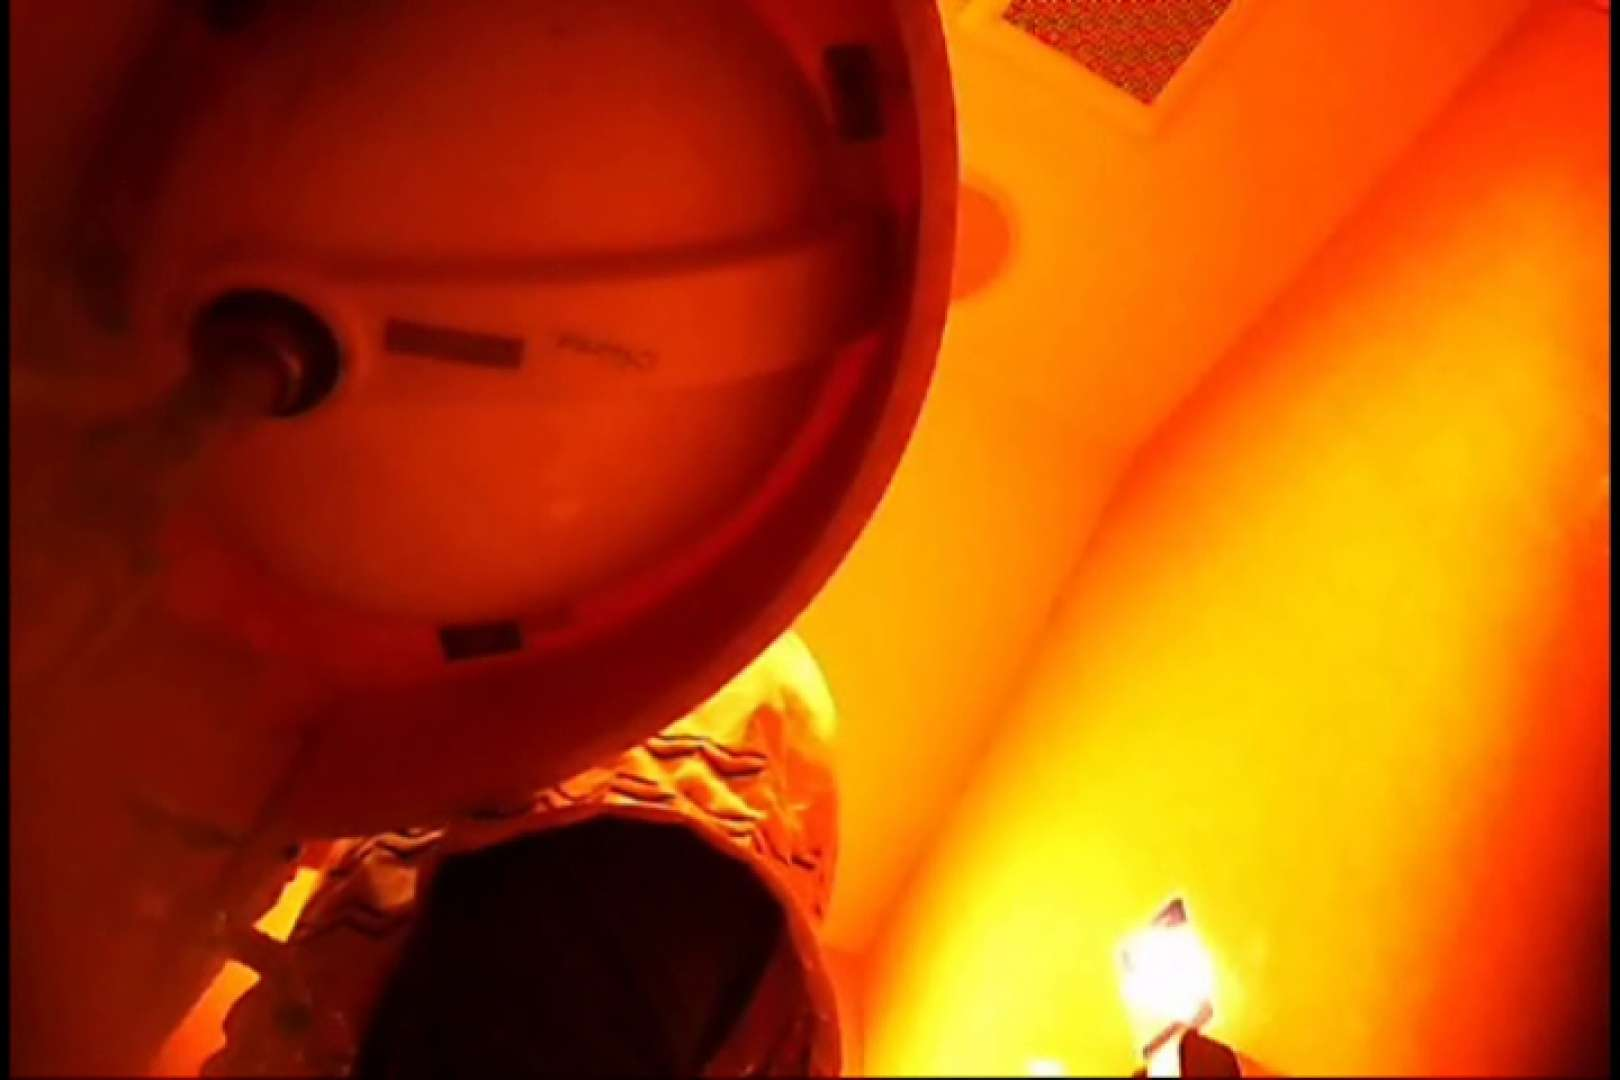 潜入!!女子化粧室盗撮~絶対見られたくない時間~vo,8 潜入 オメコ動画キャプチャ 67画像 66